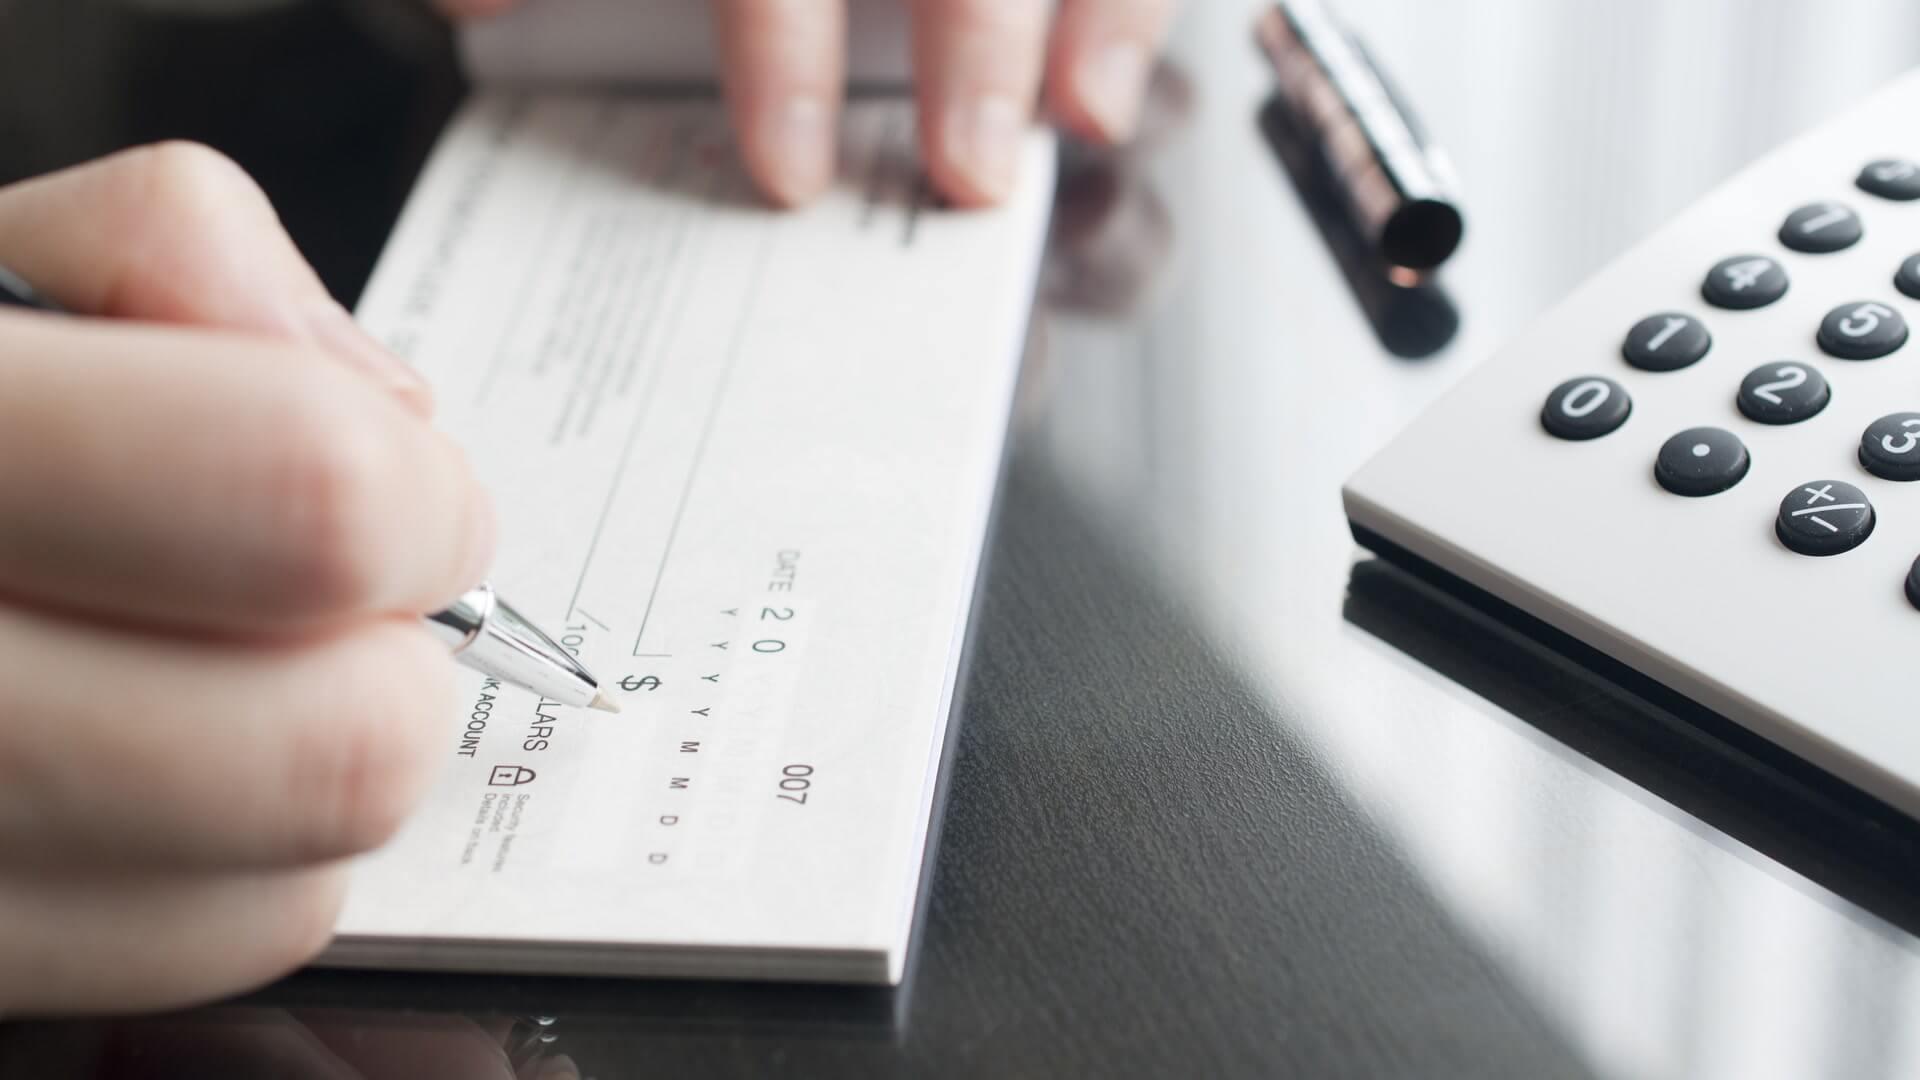 где можно взять деньги в долг с плохой кредитной историей на карту срочно